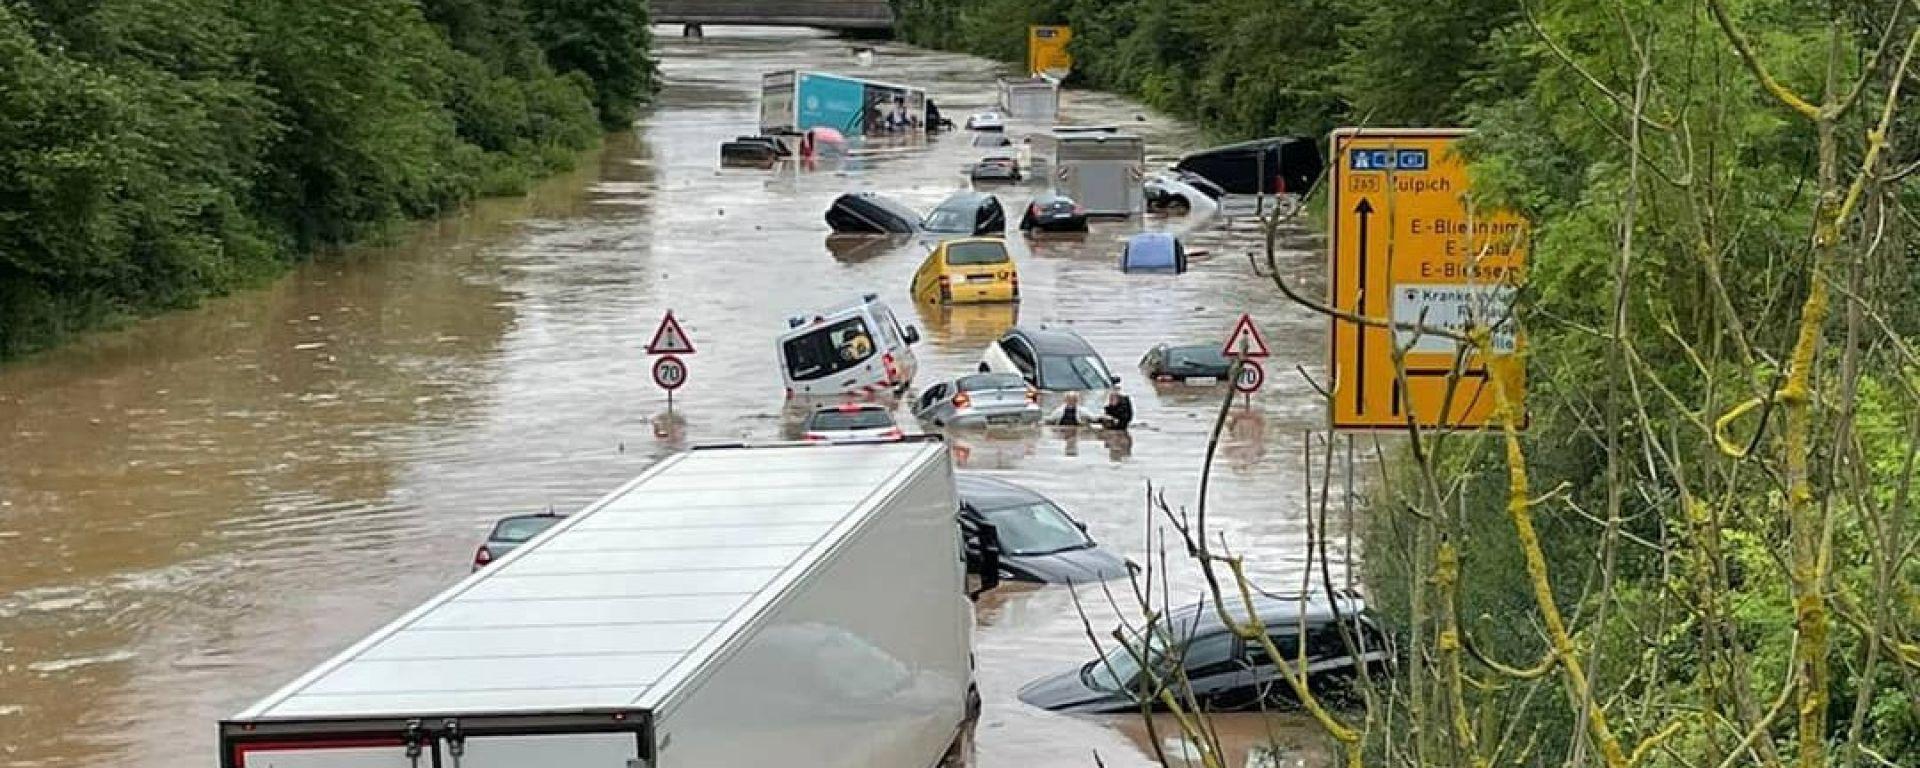 Anche la zona del Nürburgring colpita dalle alluvioni in Germania